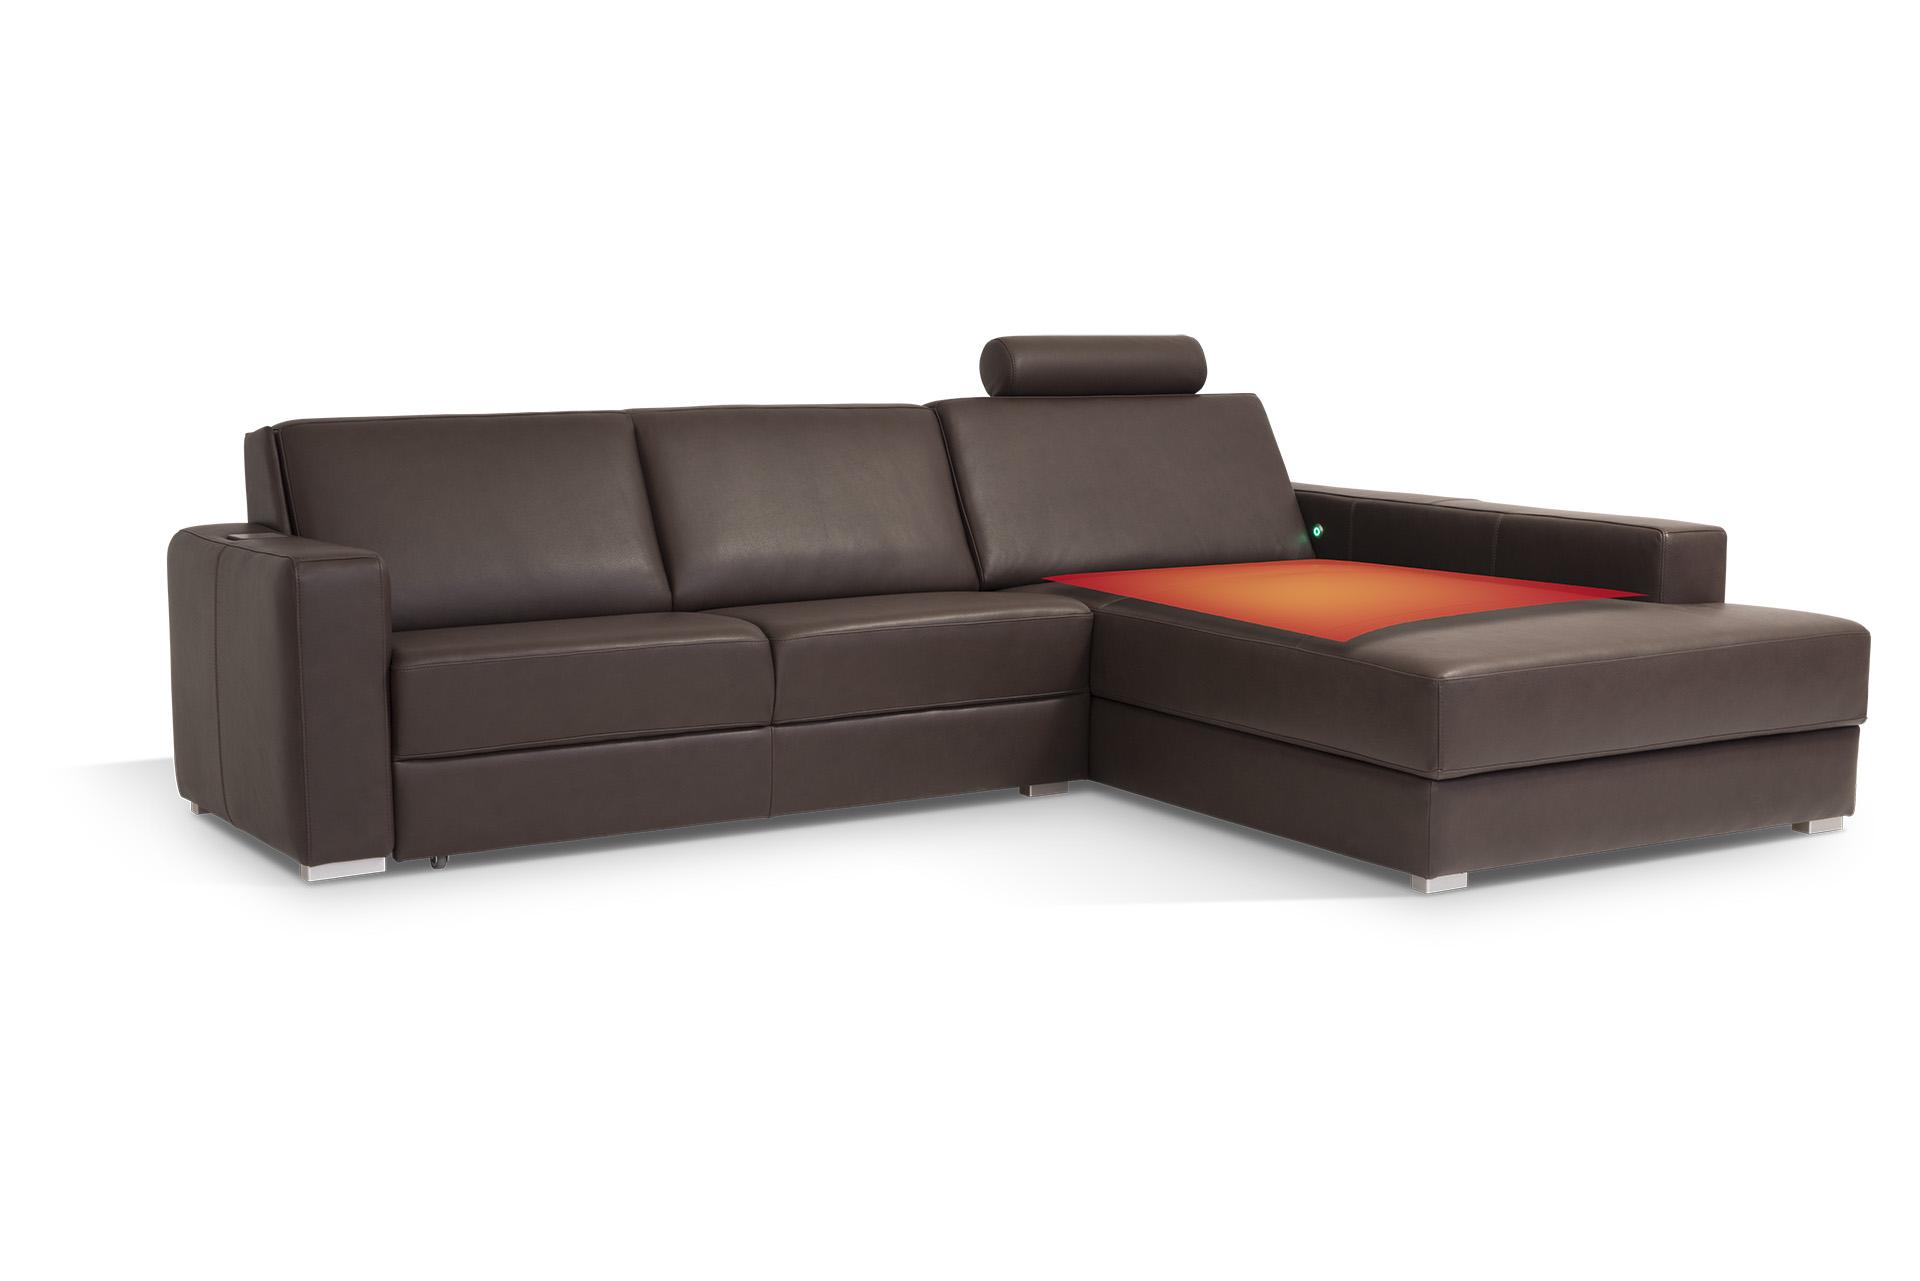 wie schreibt man couch kirchdorf an der krems